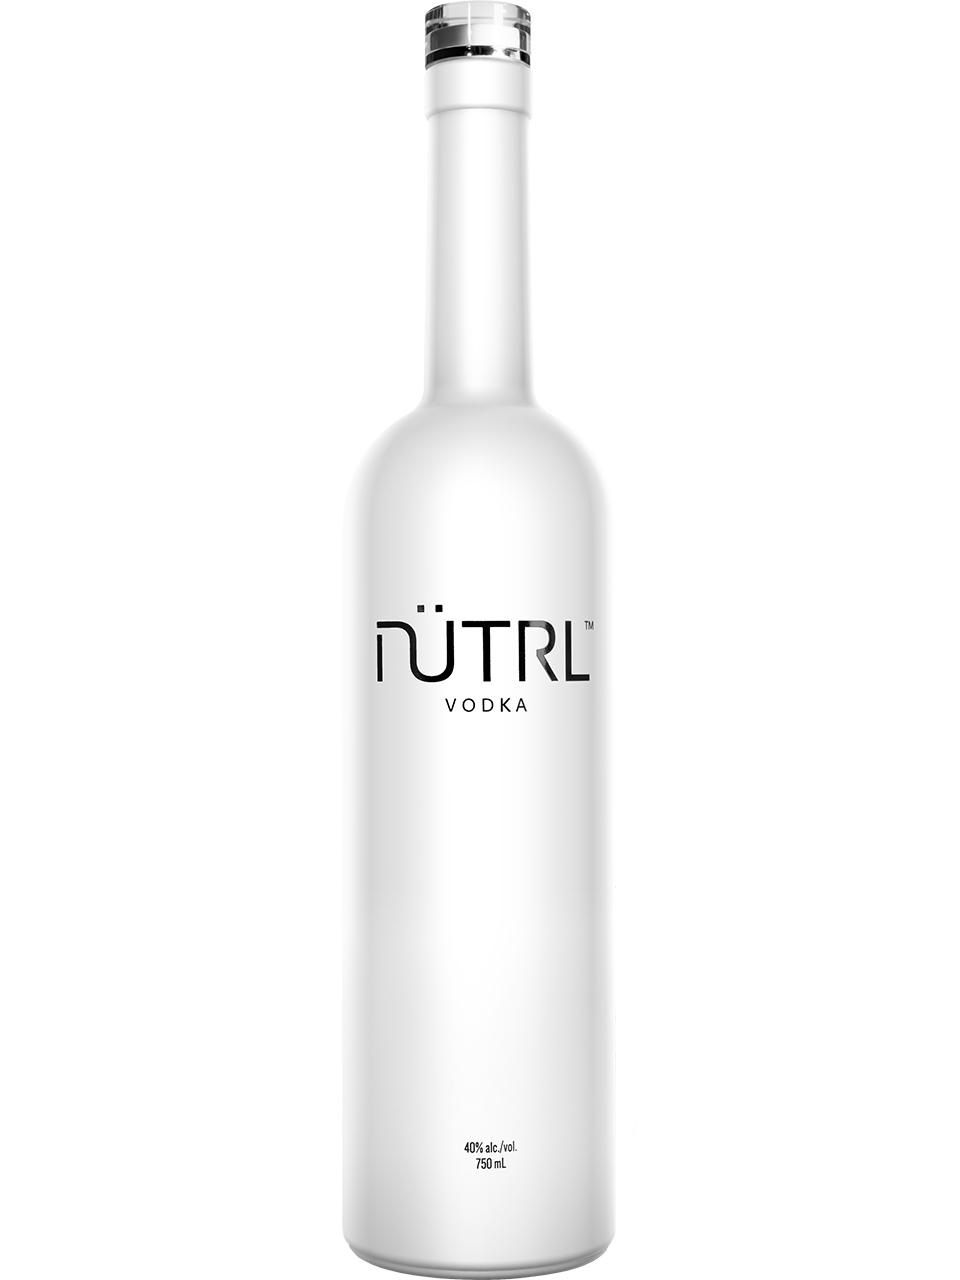 NUTRL Vodka